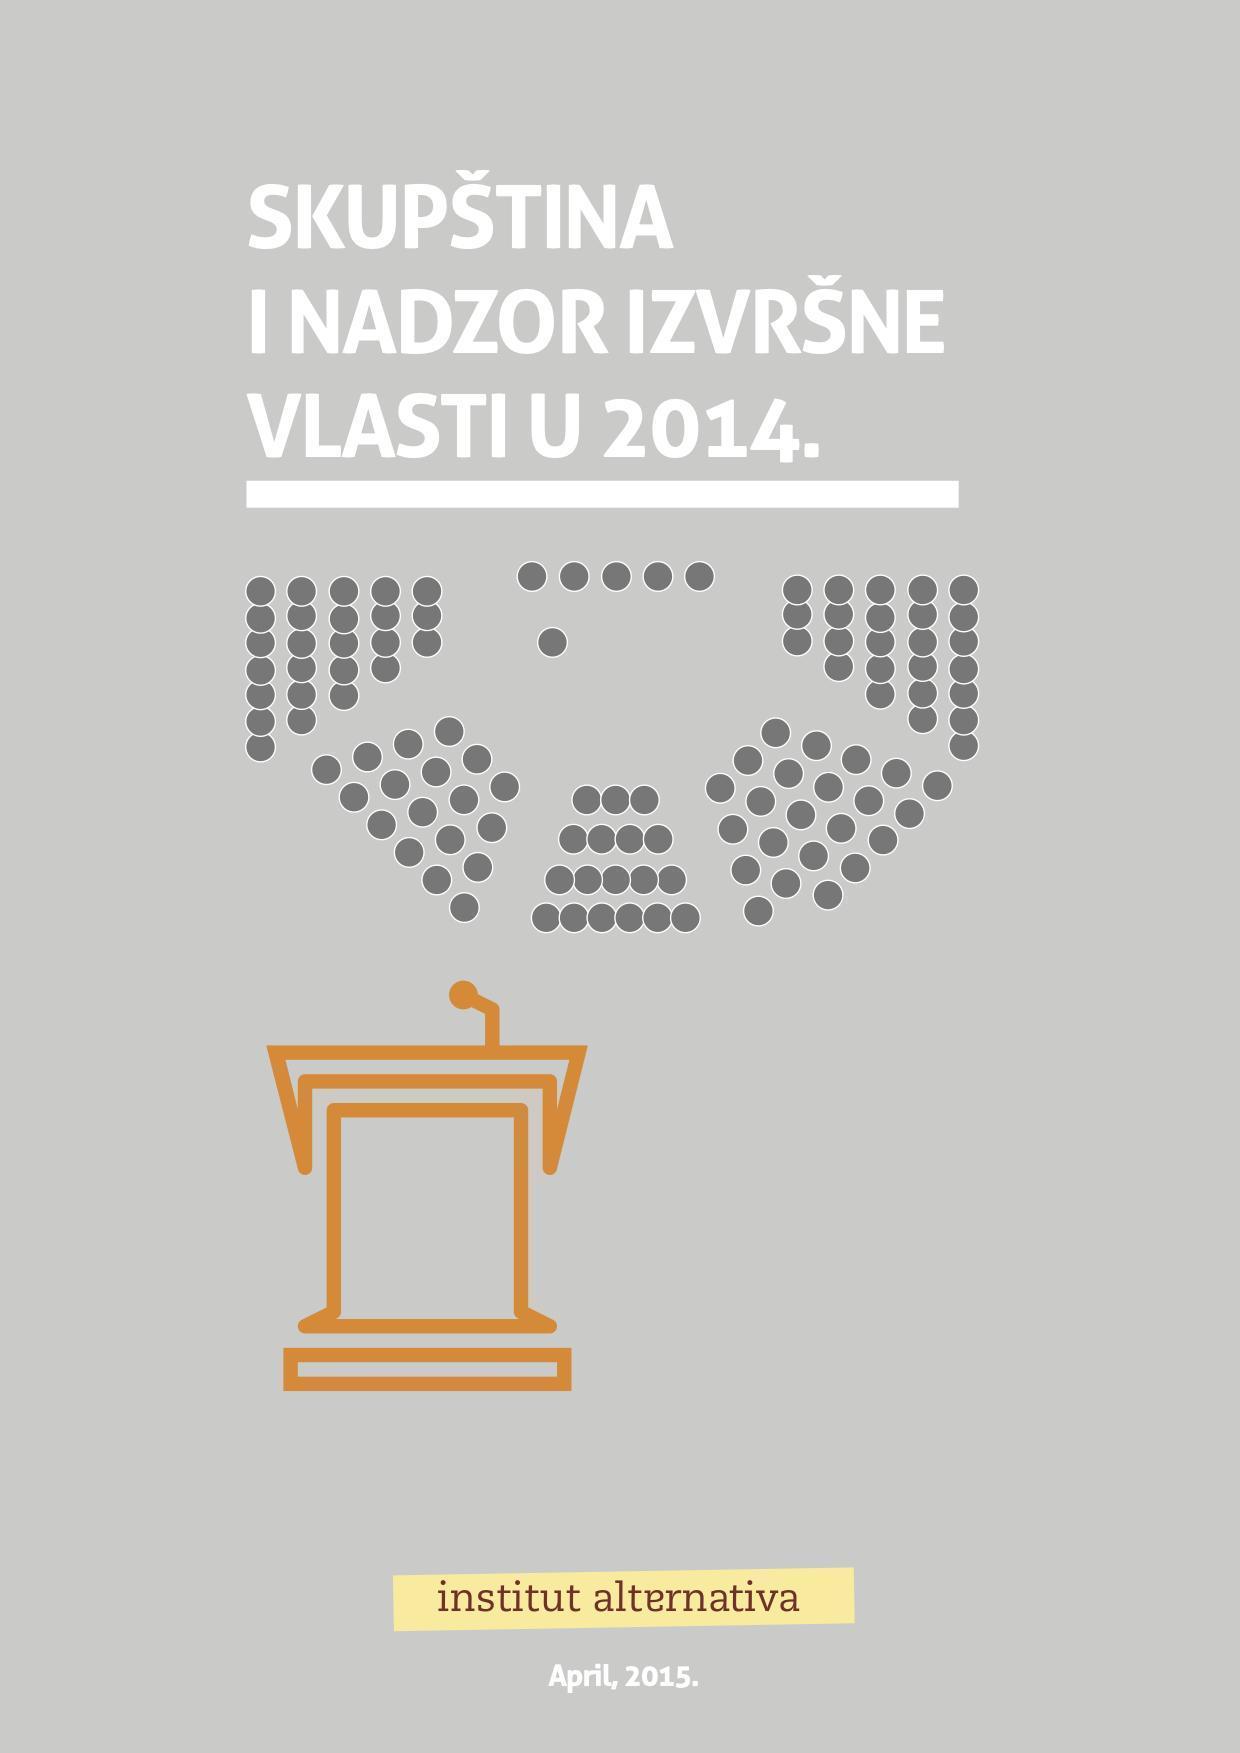 Skupština i nadzor izvršne vlasti u 2014.